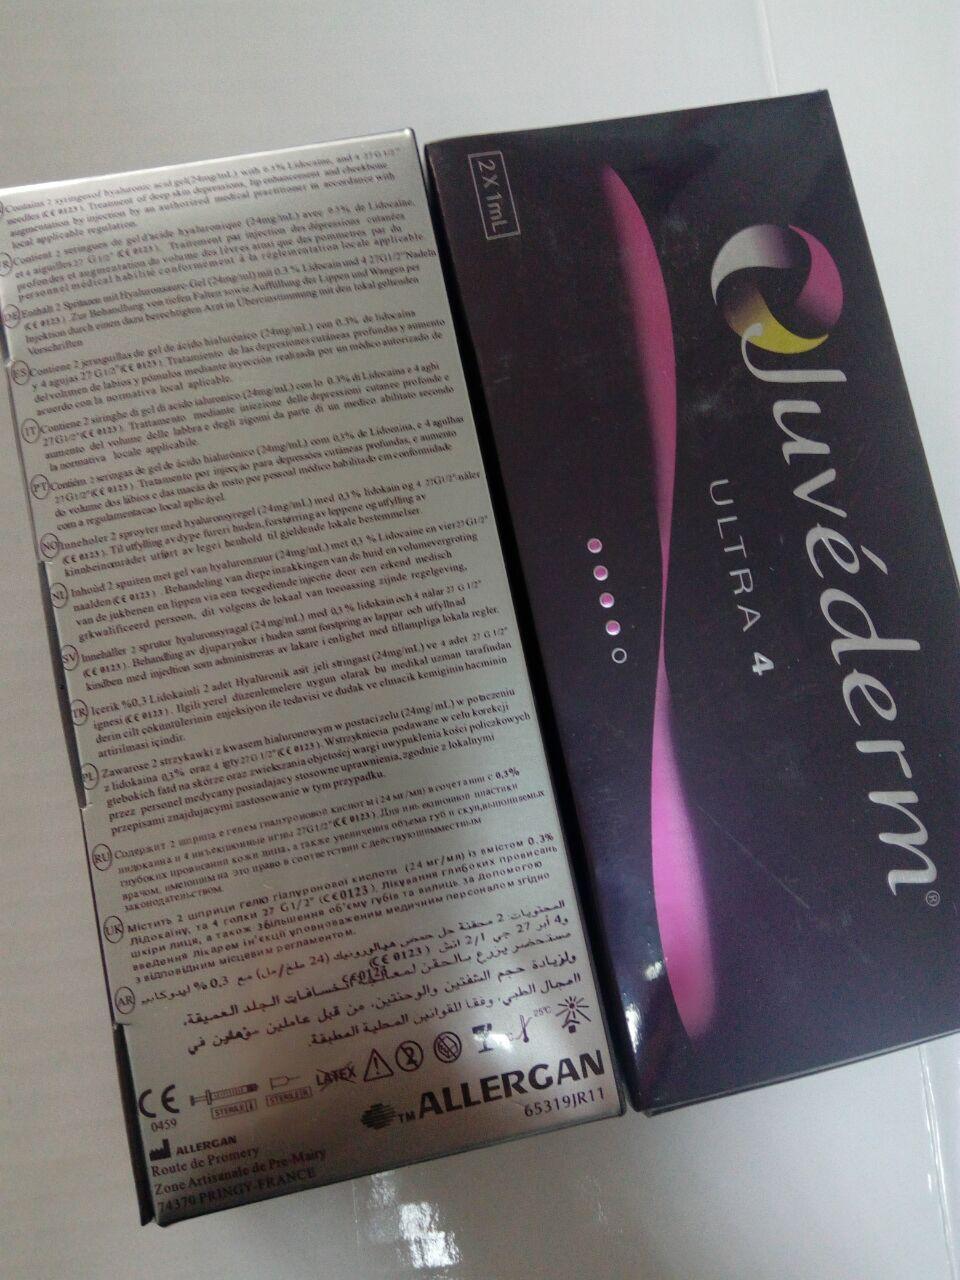 Juvederm Hot Selling Injectable Hyaluronic Acid Dermal Filler